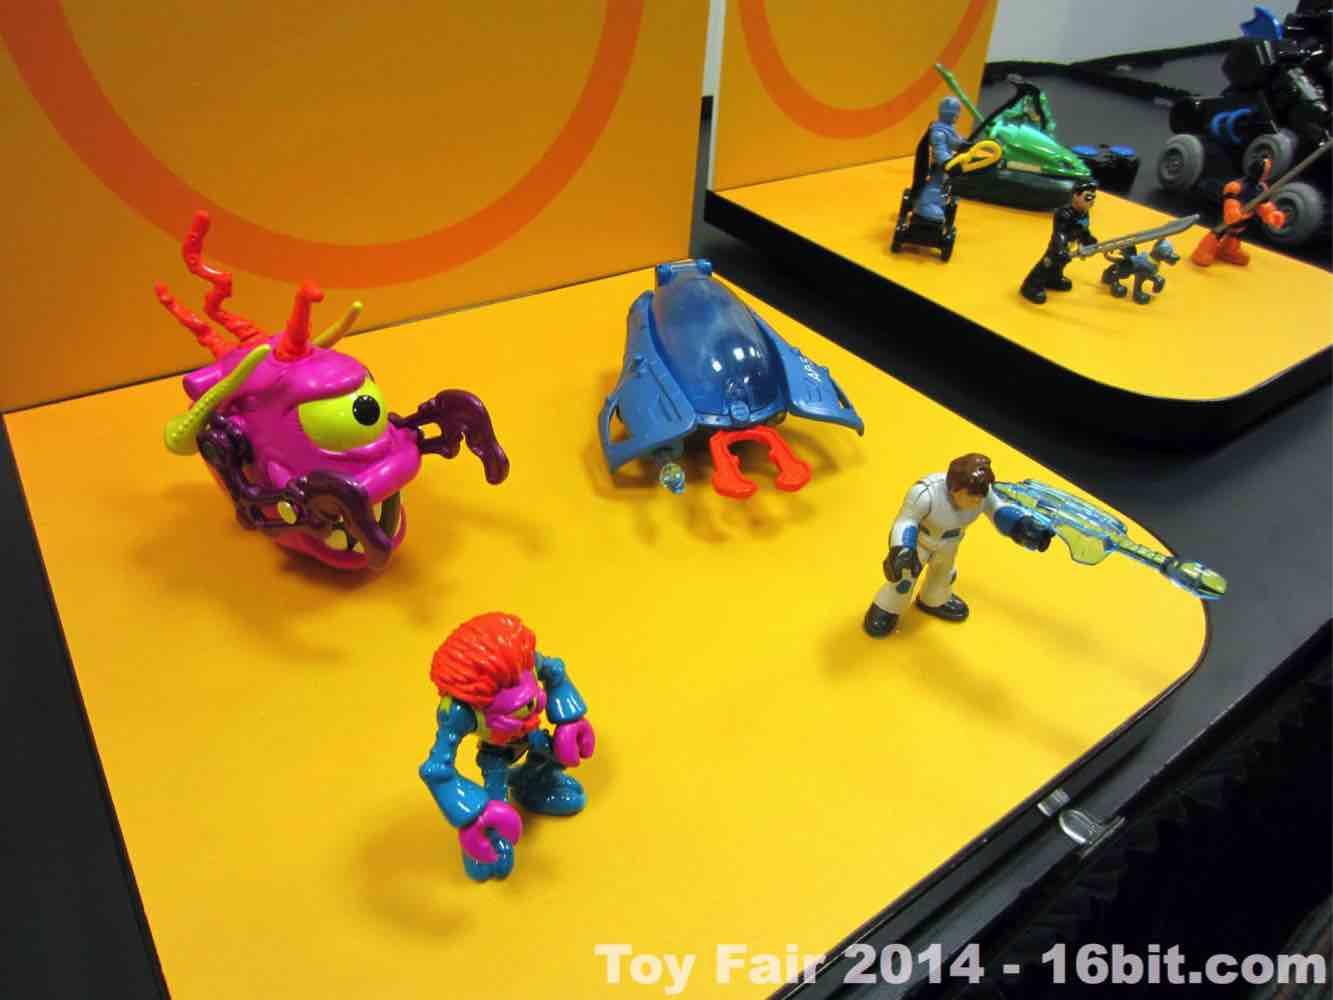 16bit Com Toy Fair Coverage Of Mattel Misc From Adam Pawlus